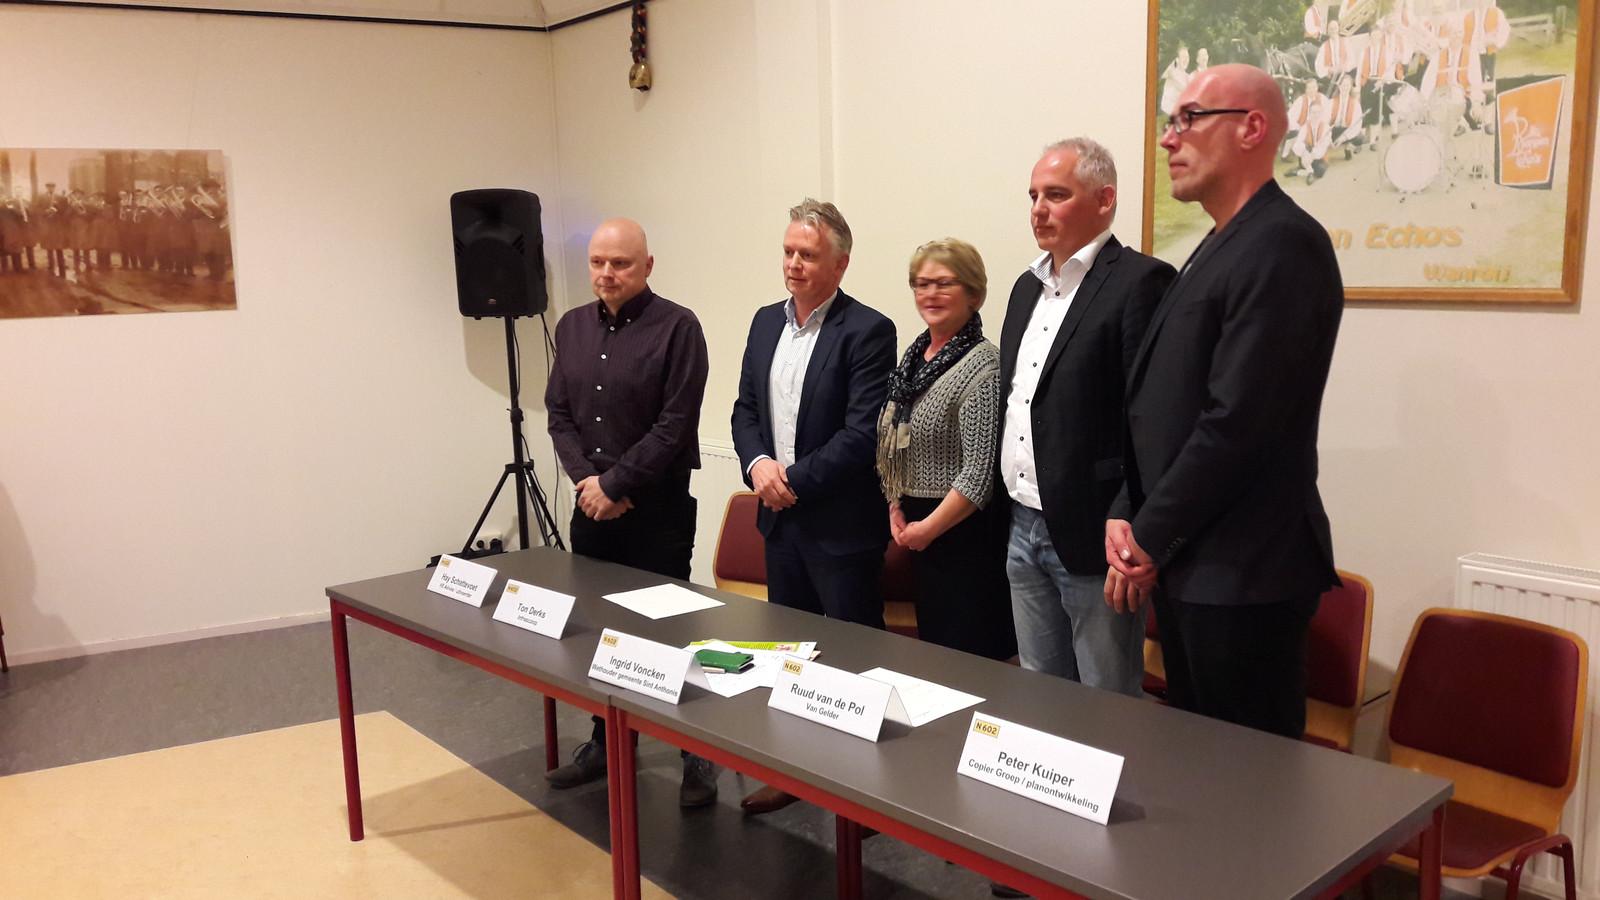 Wethouder Voncken met de mensen van Van Gelder, Infrascope en Copier die de klus moeten gaan klaren.